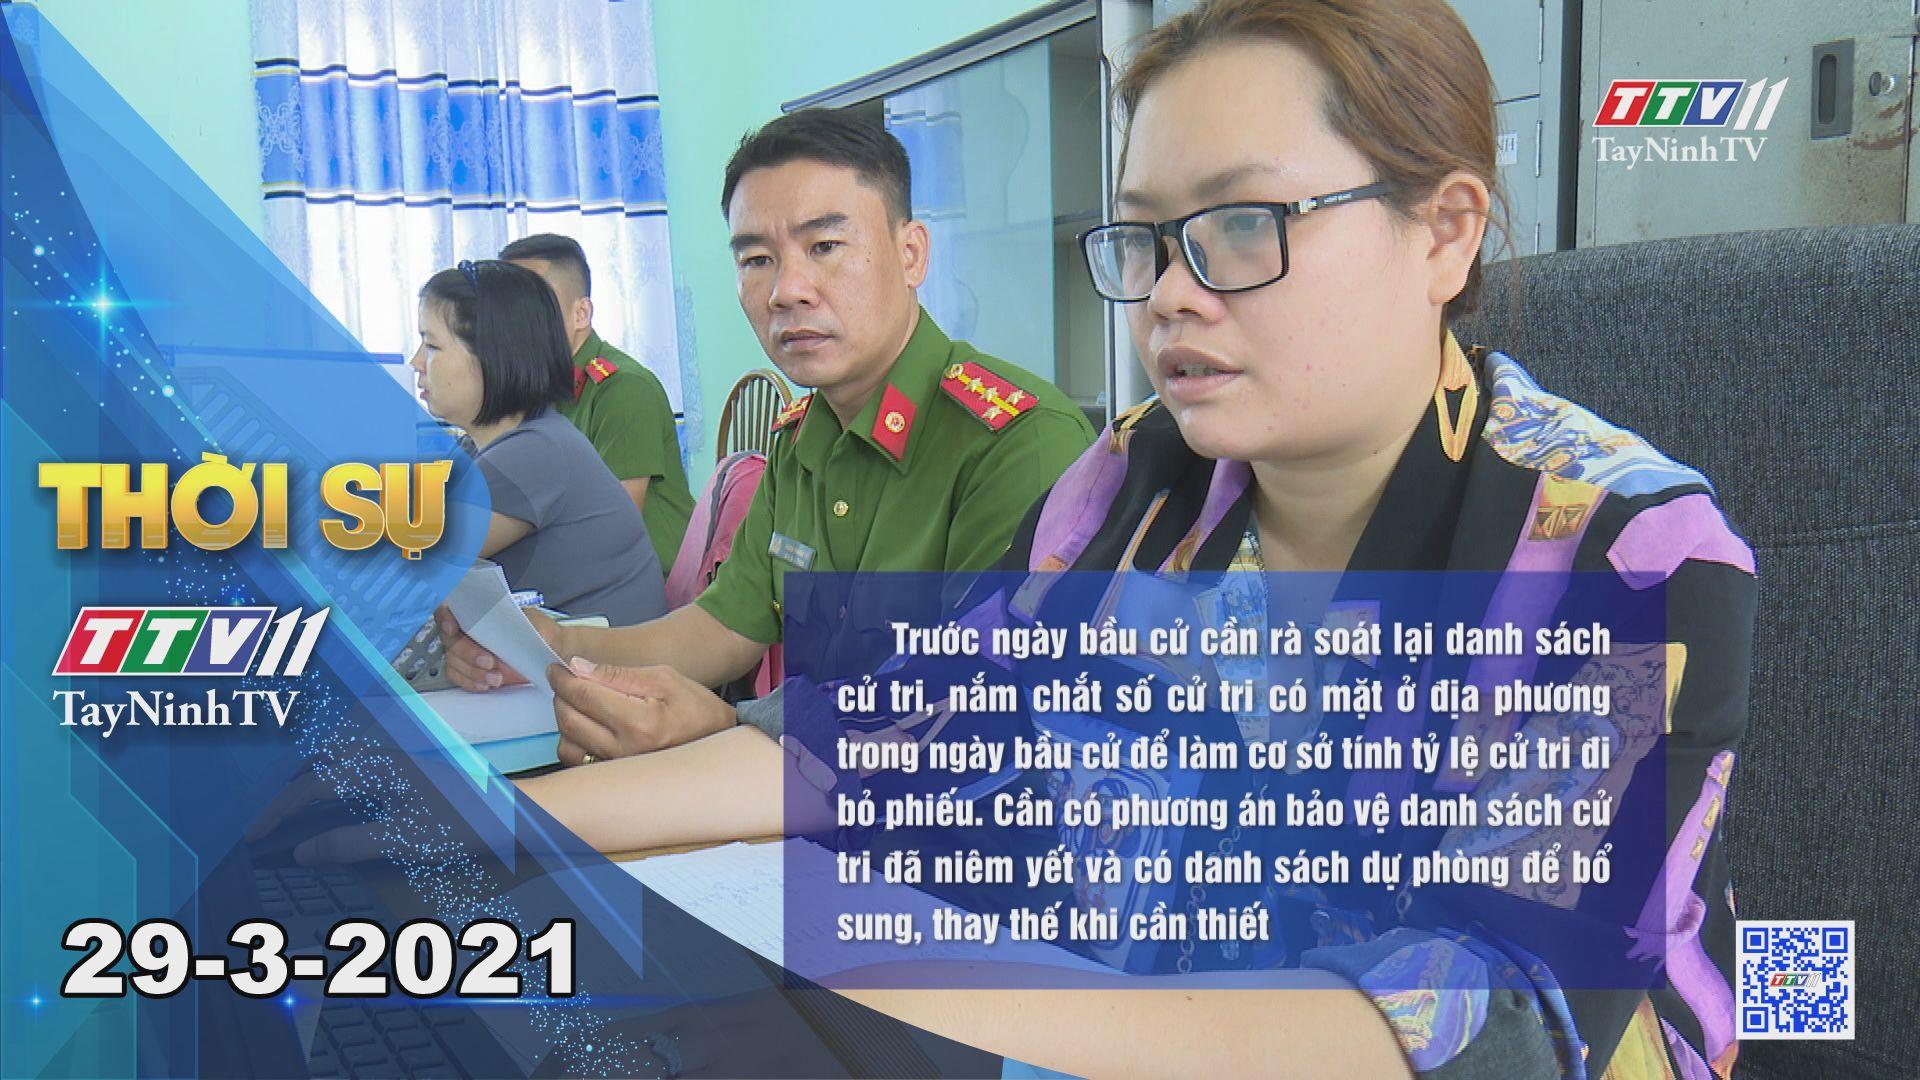 Thời sự Tây Ninh 29-3-2021 | Tin tức hôm nay | TayNinhTV